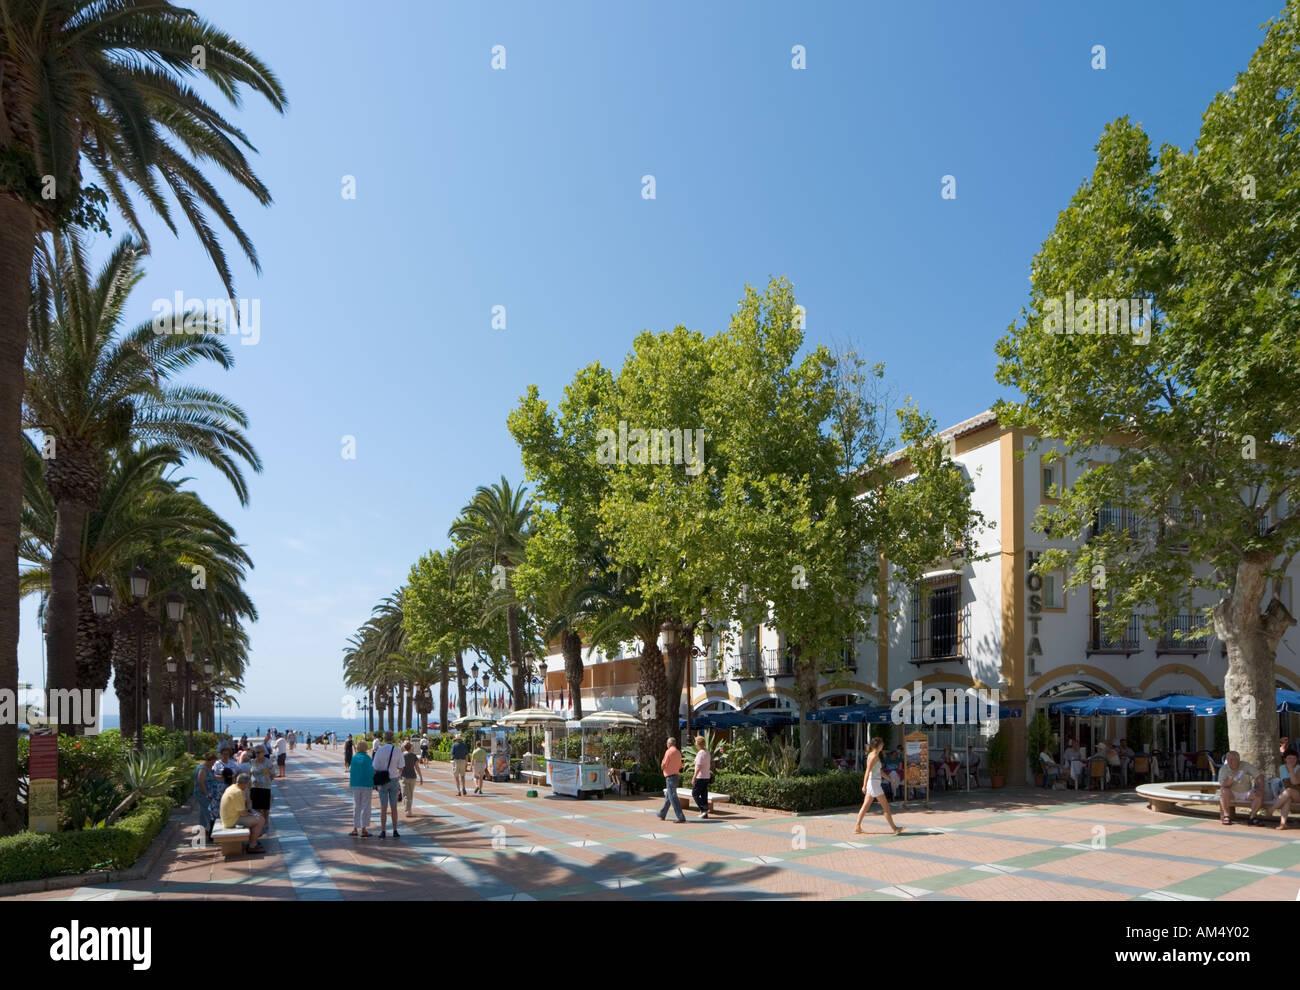 Balcon de Europa, Nerja, Costa del Sol, Andalousie, Espagne Photo Stock